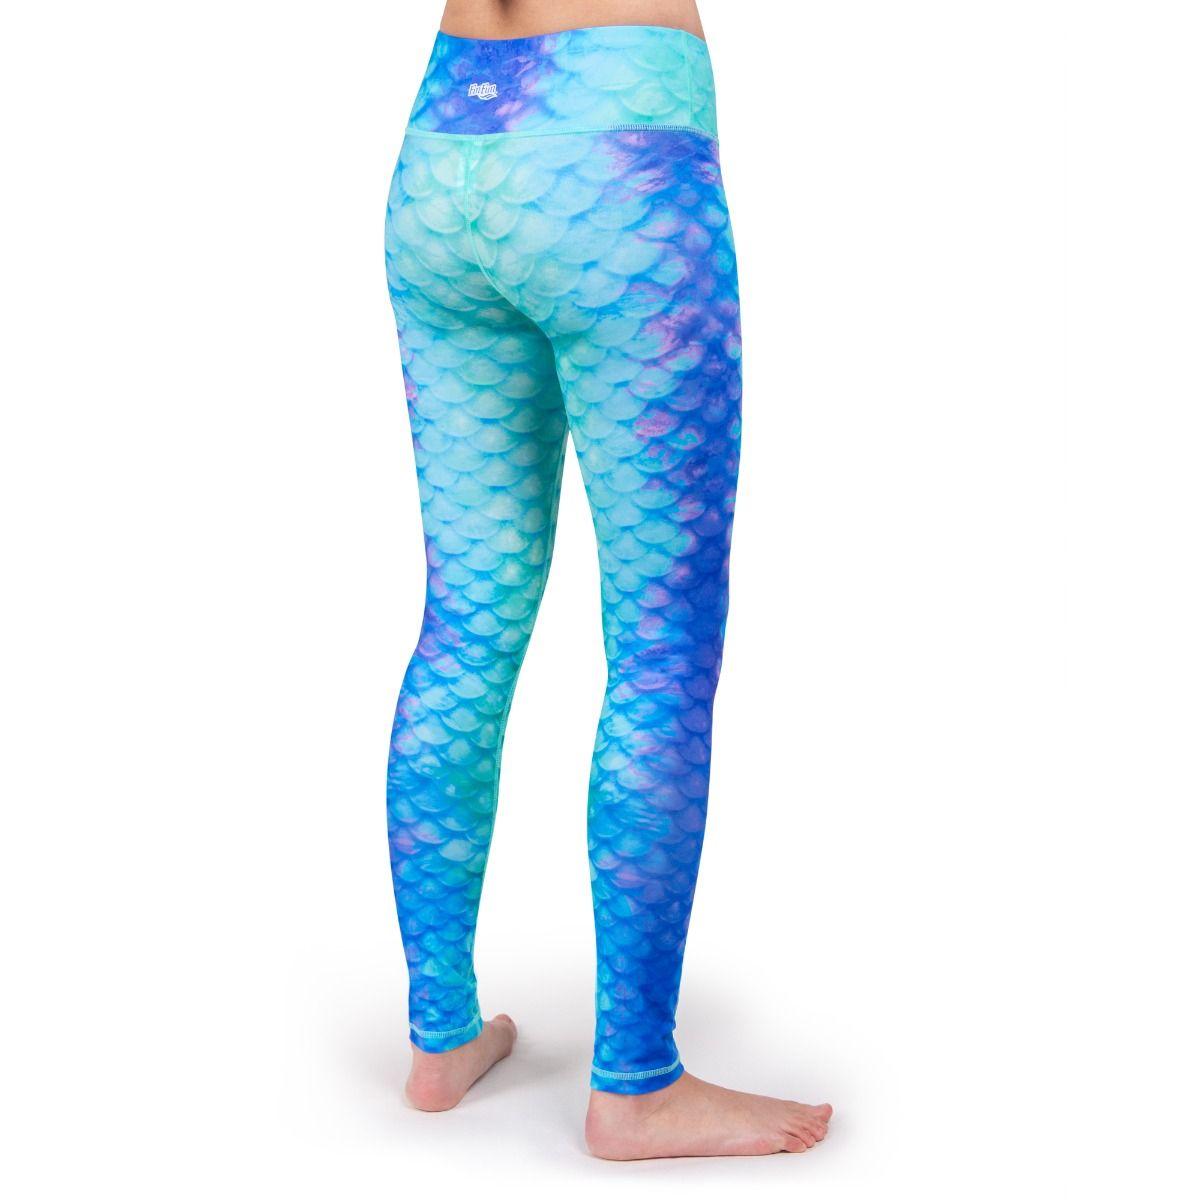 ac2af32081 Mermaid Scale Leggings | Pacific Pearl Mermaid Yoga Leggings by Fin Fun